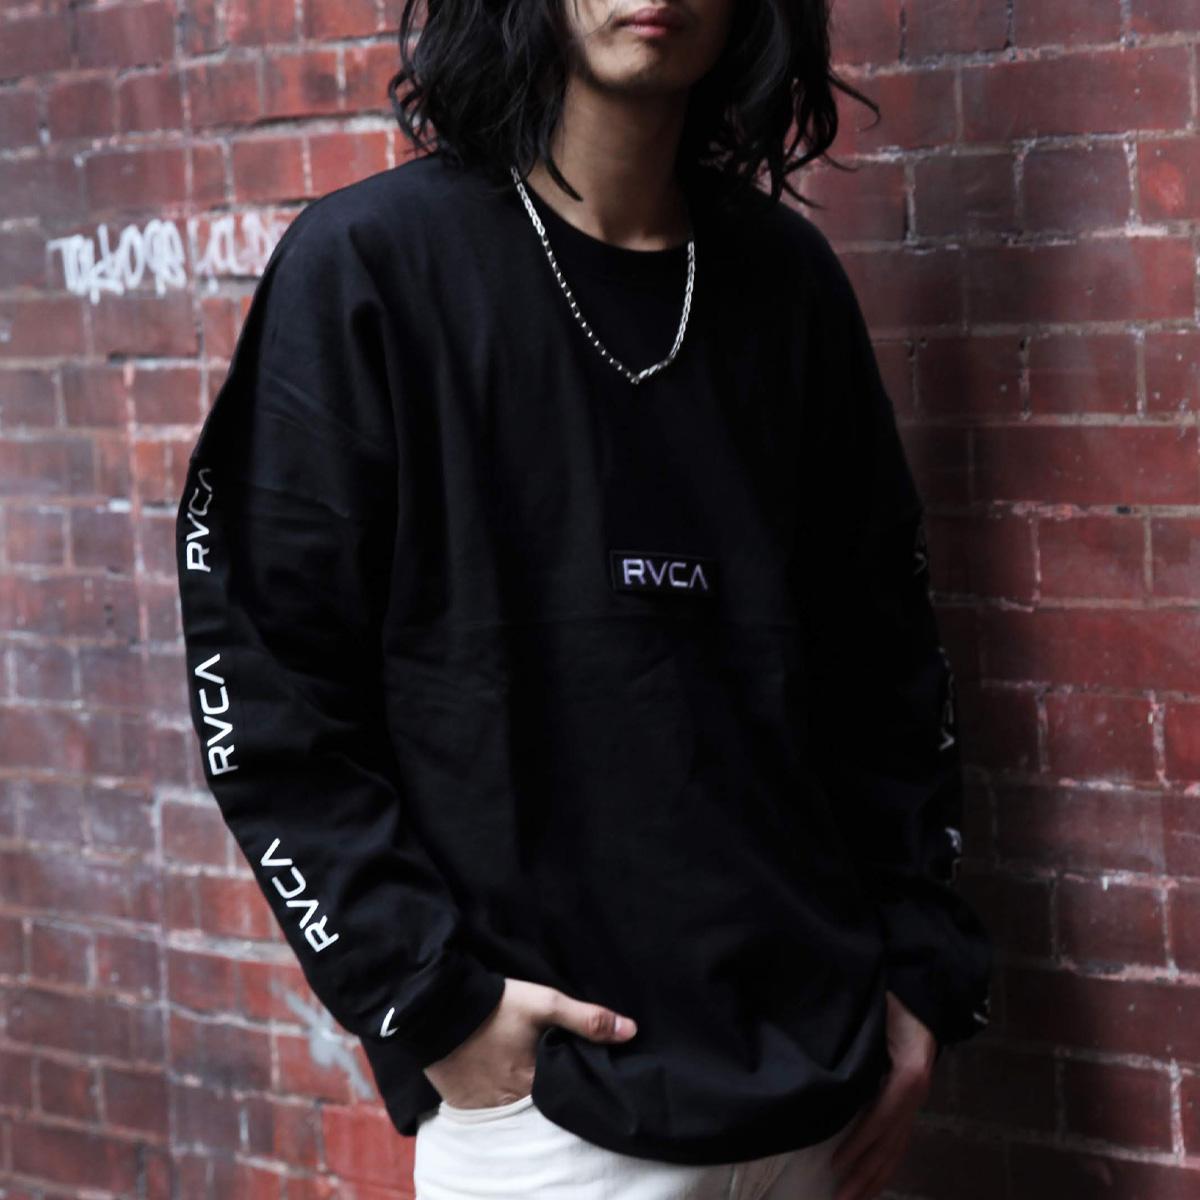 RVCA TAPE RVCA BIG LT(ルーカ テープ ビッグロンT)BLACK【メンズ 長袖Tシャツ】20SS-I